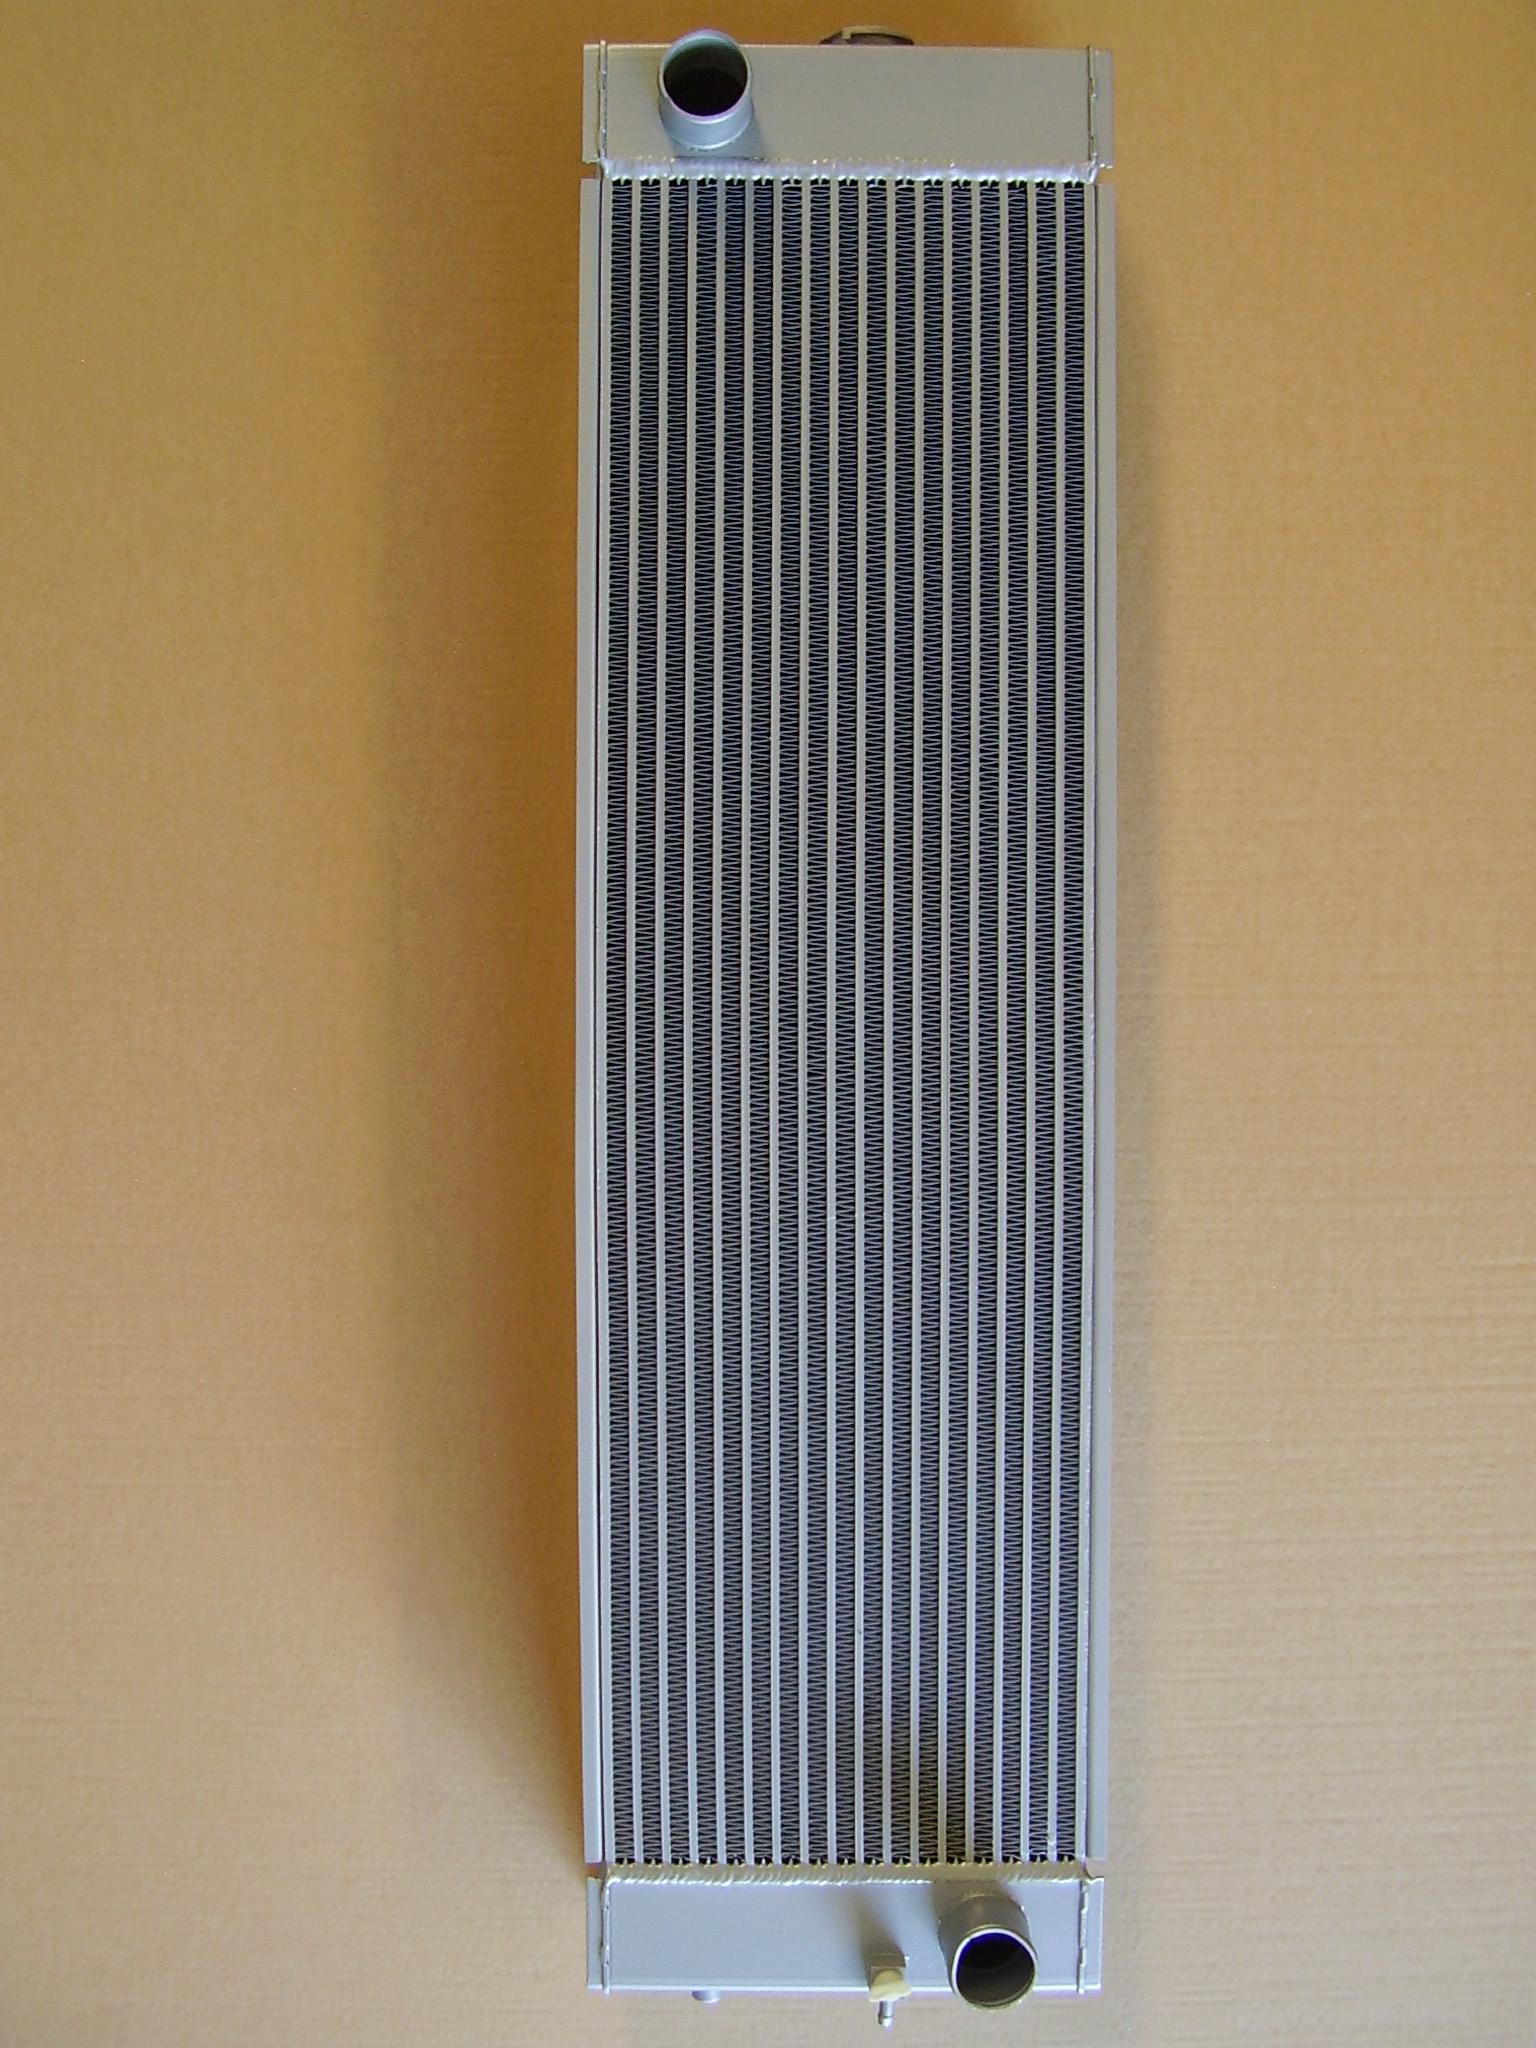 Radiatori e scambiatori di calore a ferraraorb radiatori for Radiatori in alluminio